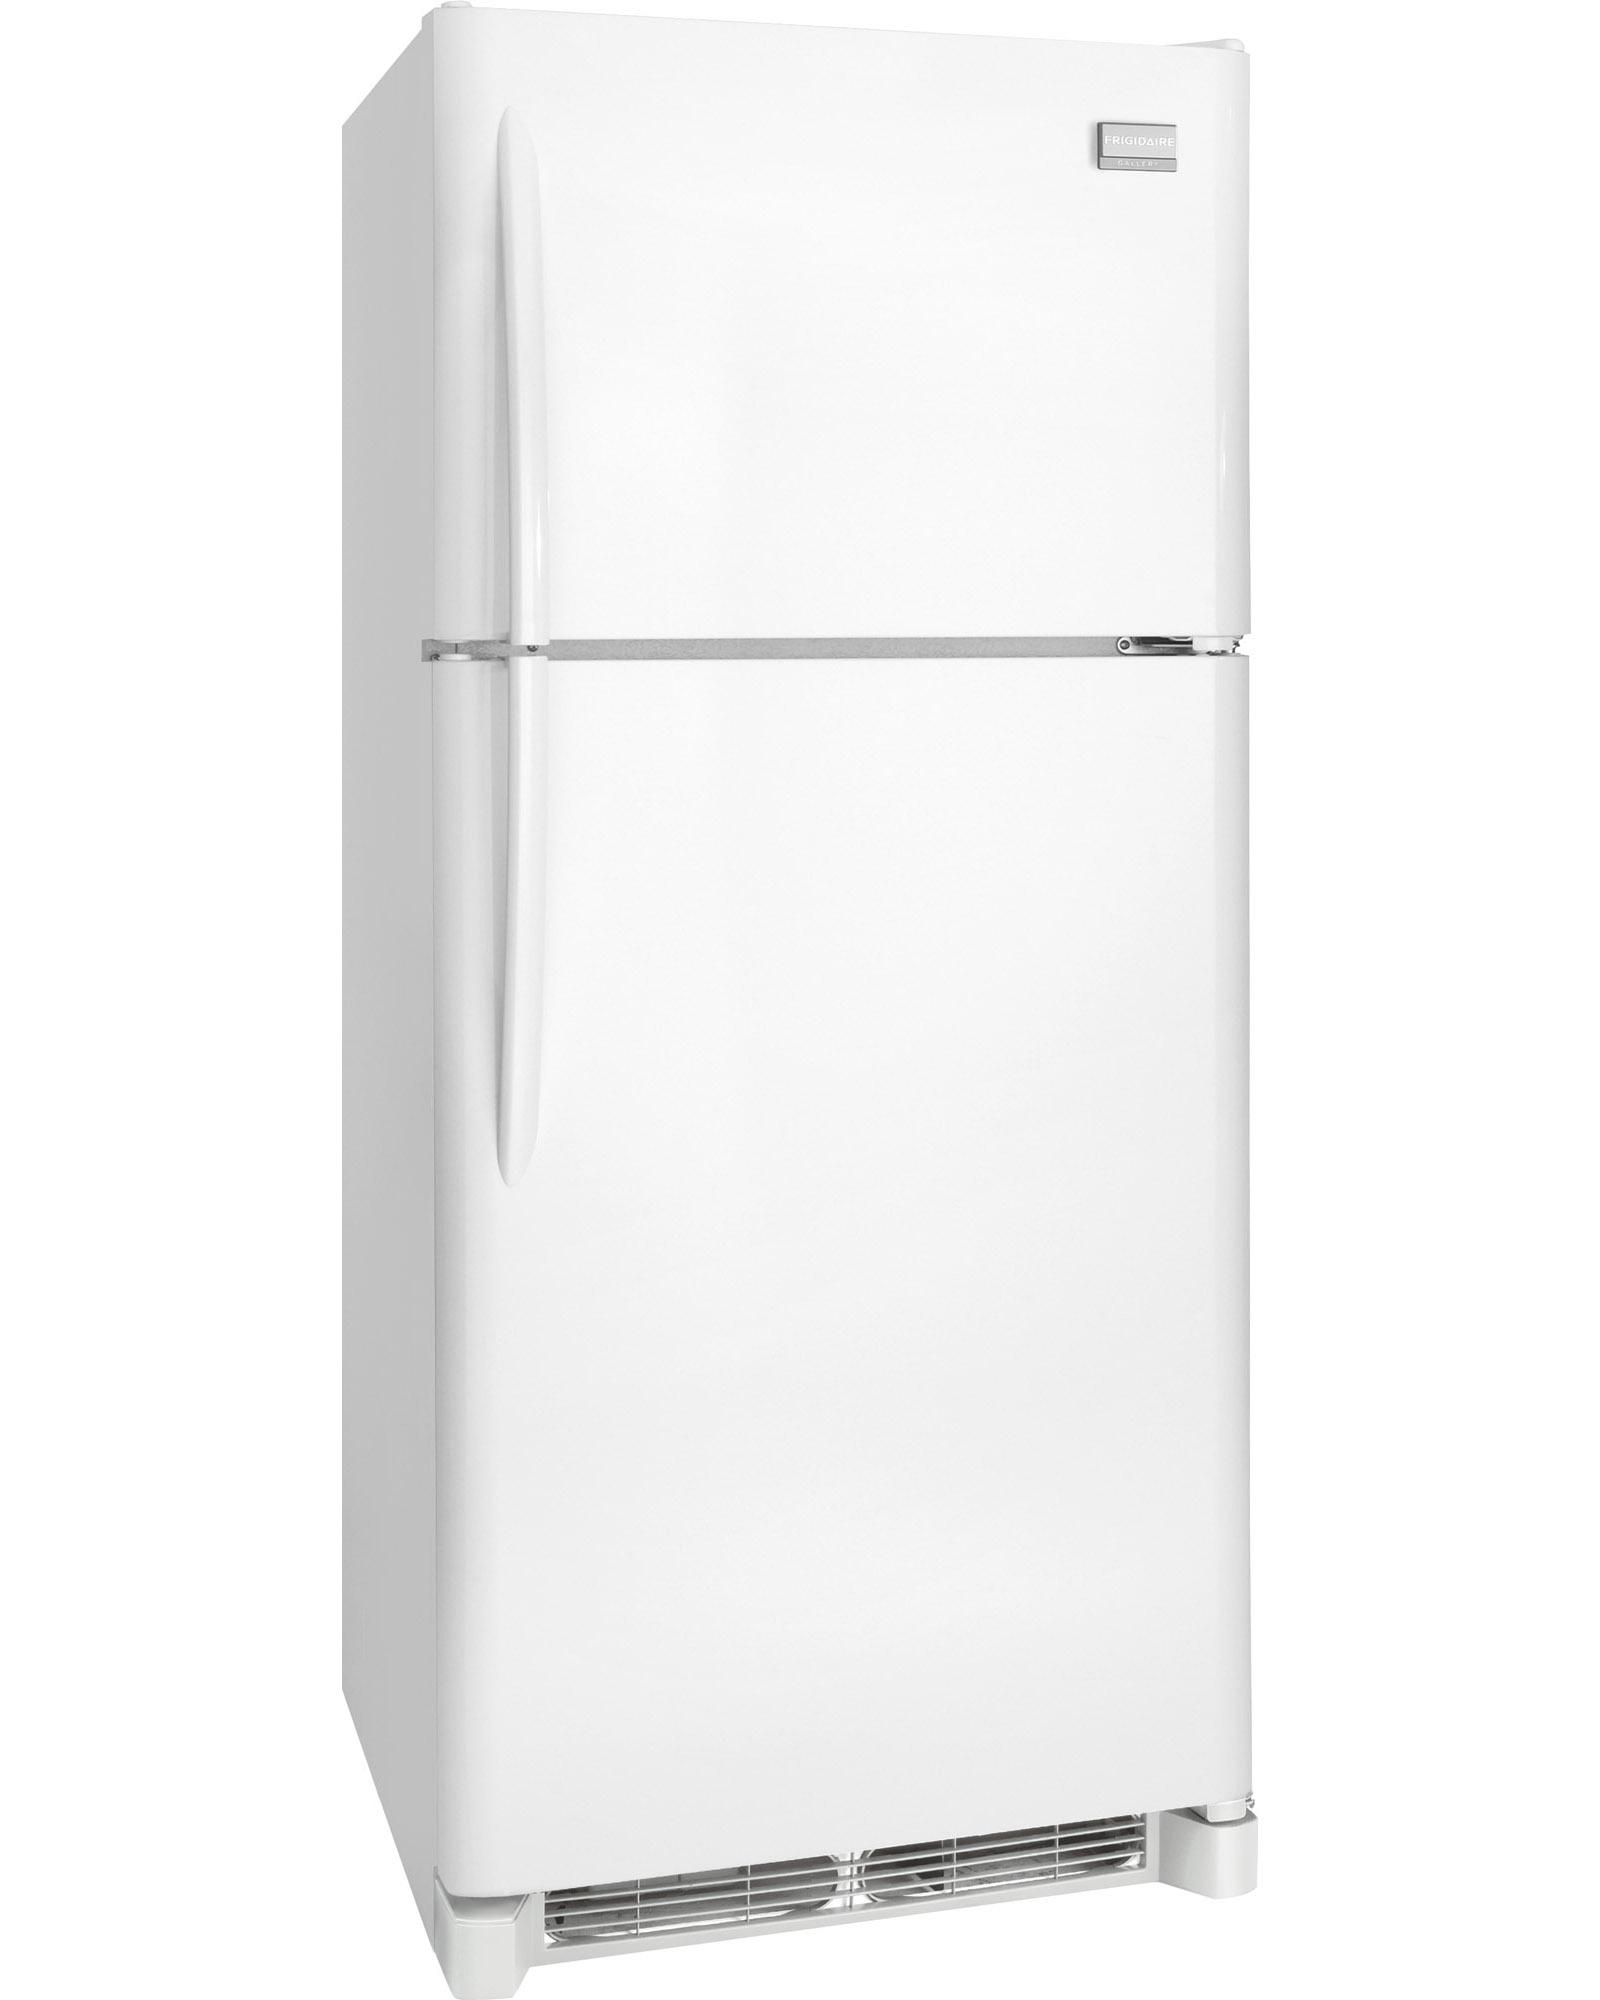 Frigidaire Gallery FGHI2164QP 20.5 cu. ft. Top Freezer Refrigerator - White